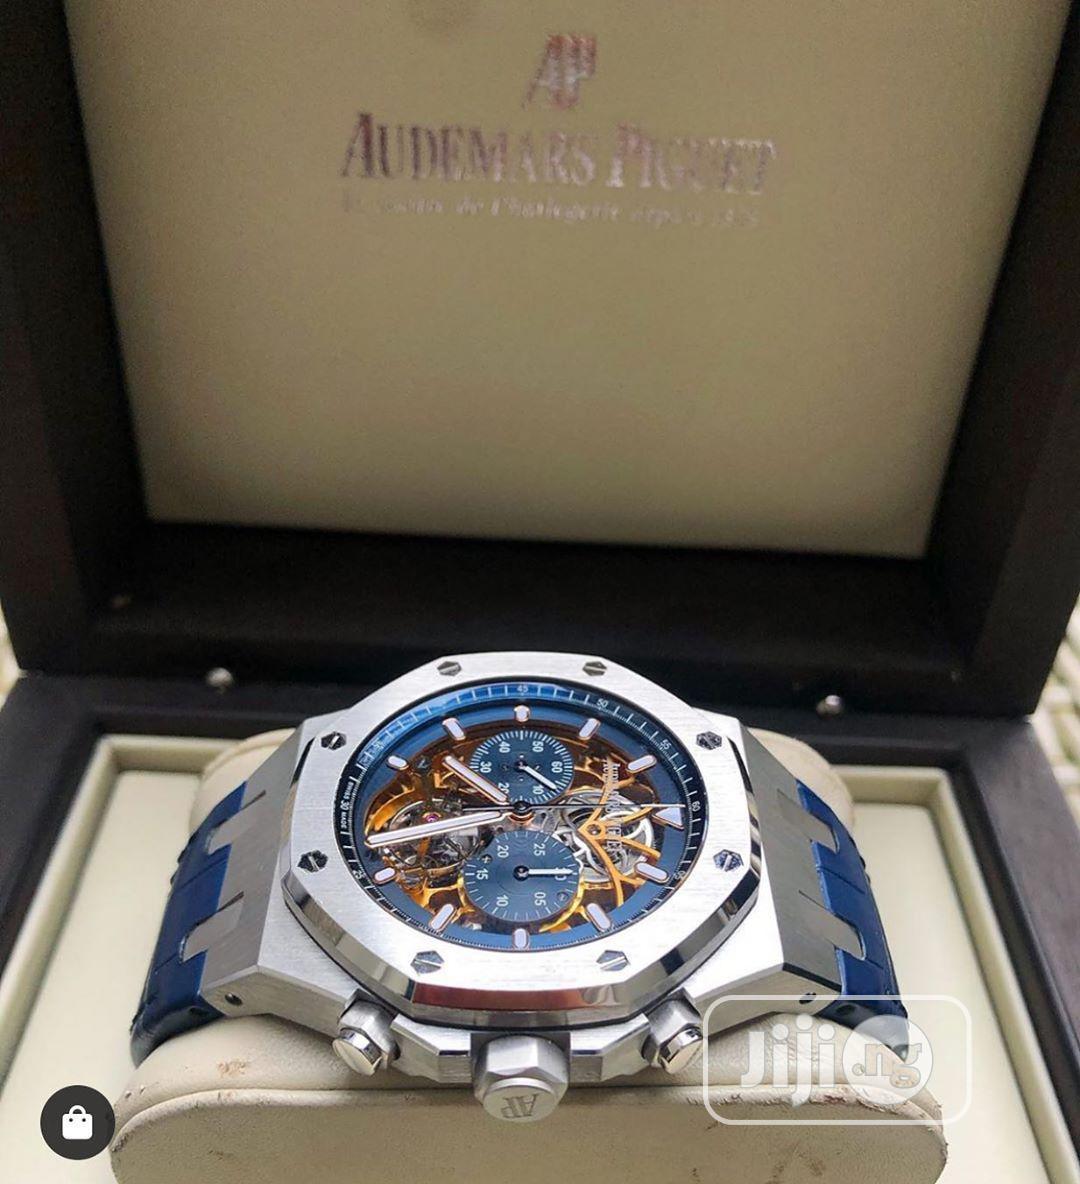 Audemars Piguet Automatic Chronograph Silver Blue Leather Strap Watch